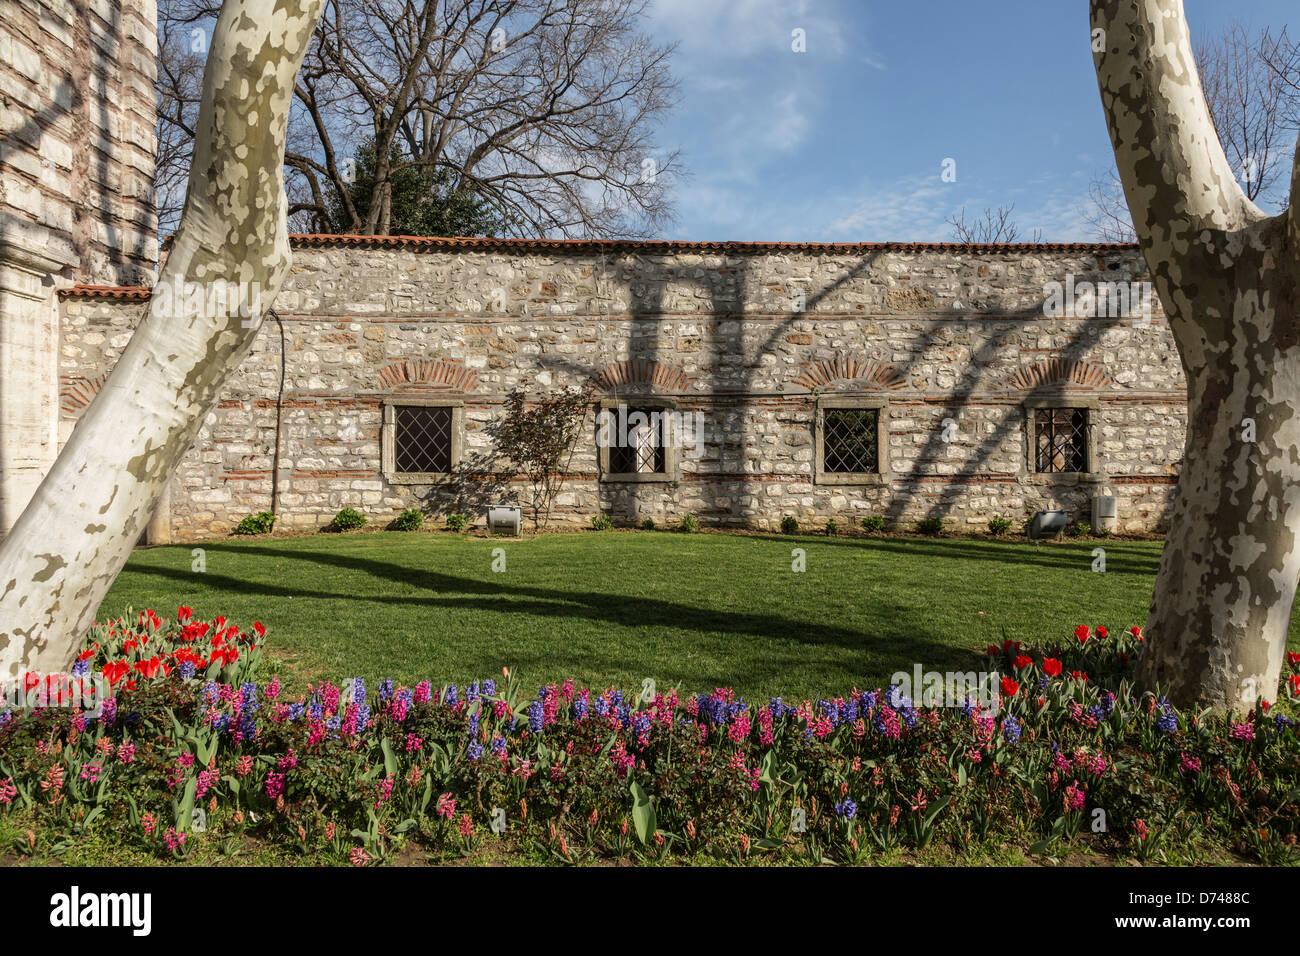 Garten im Topkapi-Palast, Istanbul, Türkei. Stockbild